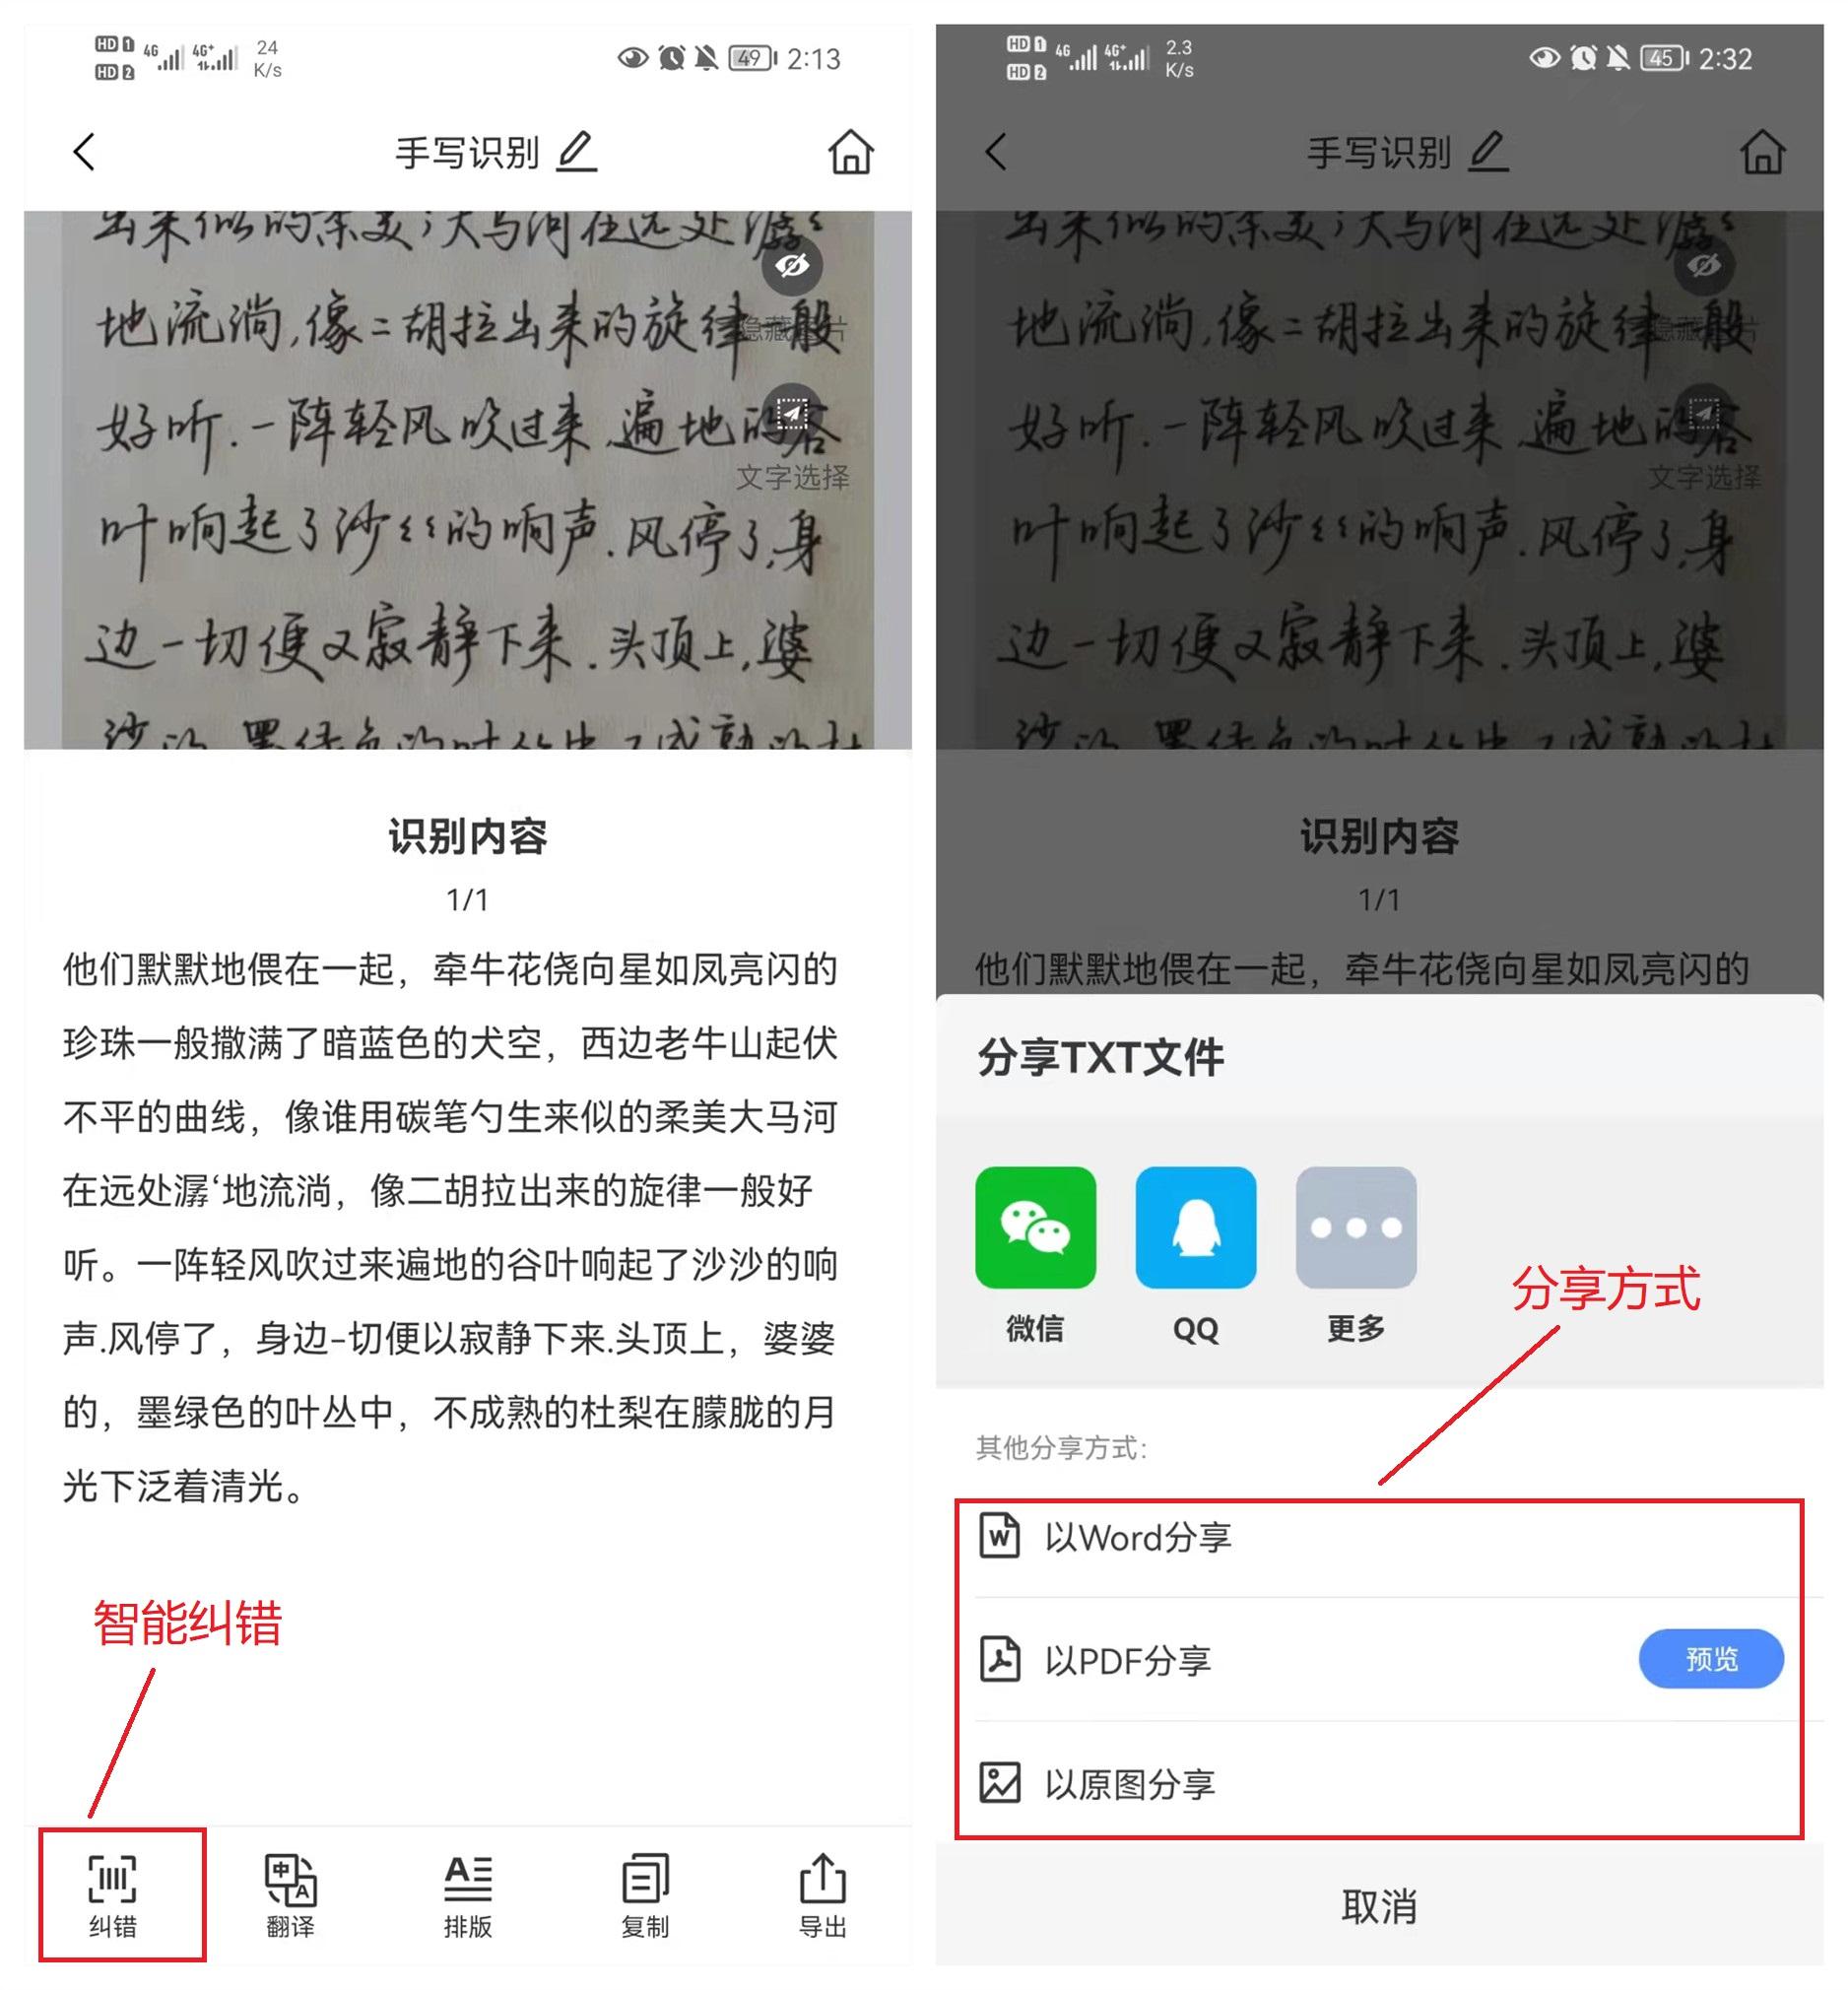 华为鸿蒙2.0新增扫描仪功能,一键提取纸上文字!不知道真的可惜